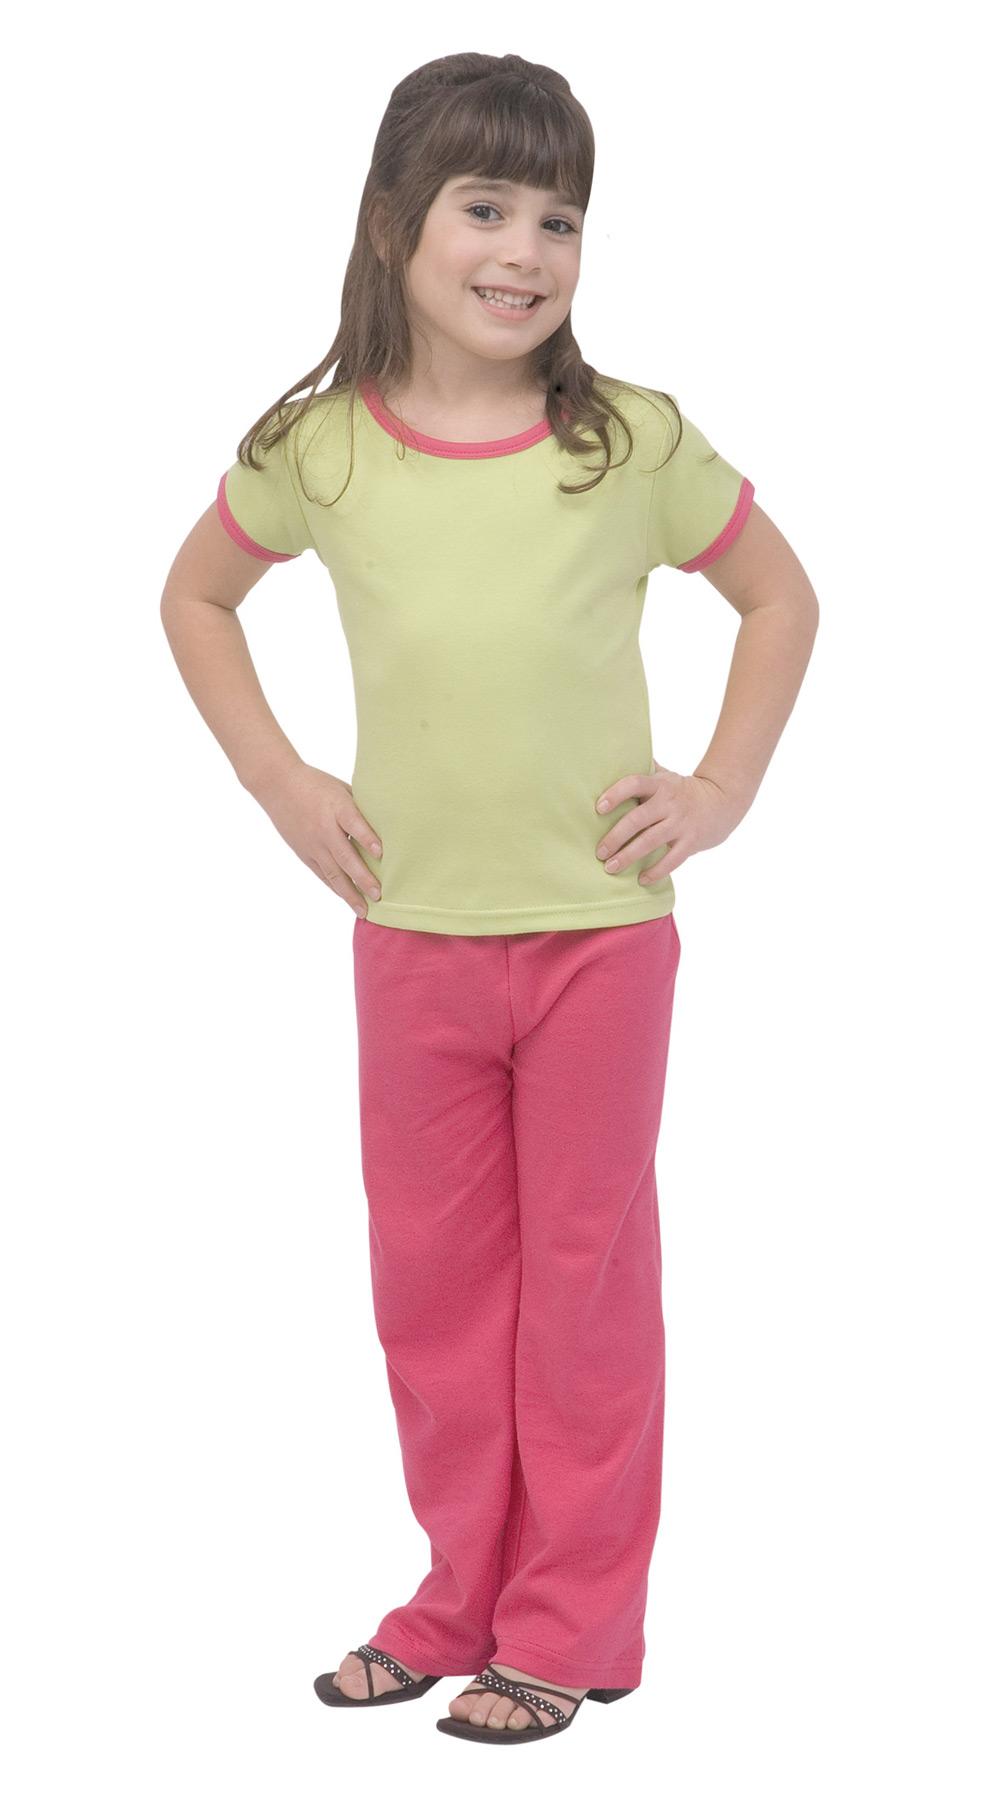 Monag 400027 连锁边短袖女孩 撞色滚边纯色T恤